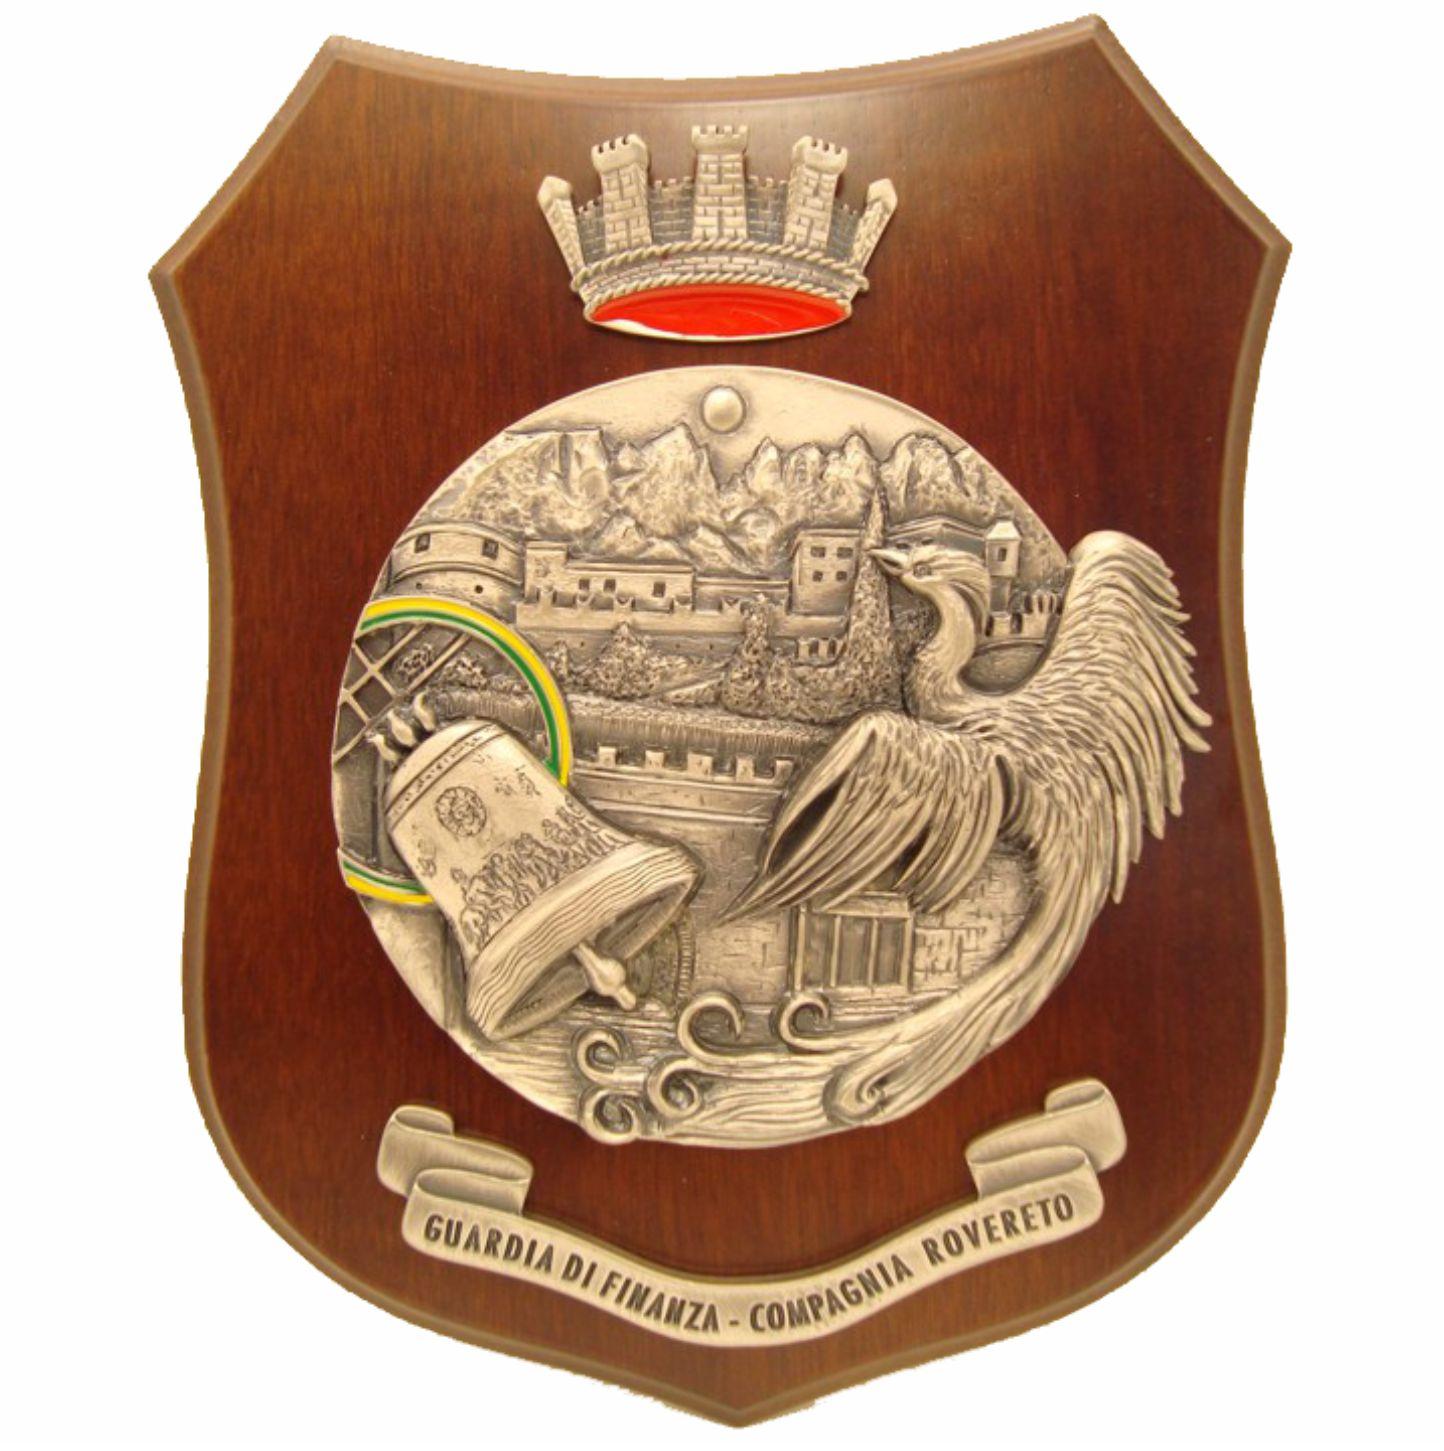 Crest in metallo argentato antico - GdF Rovereto